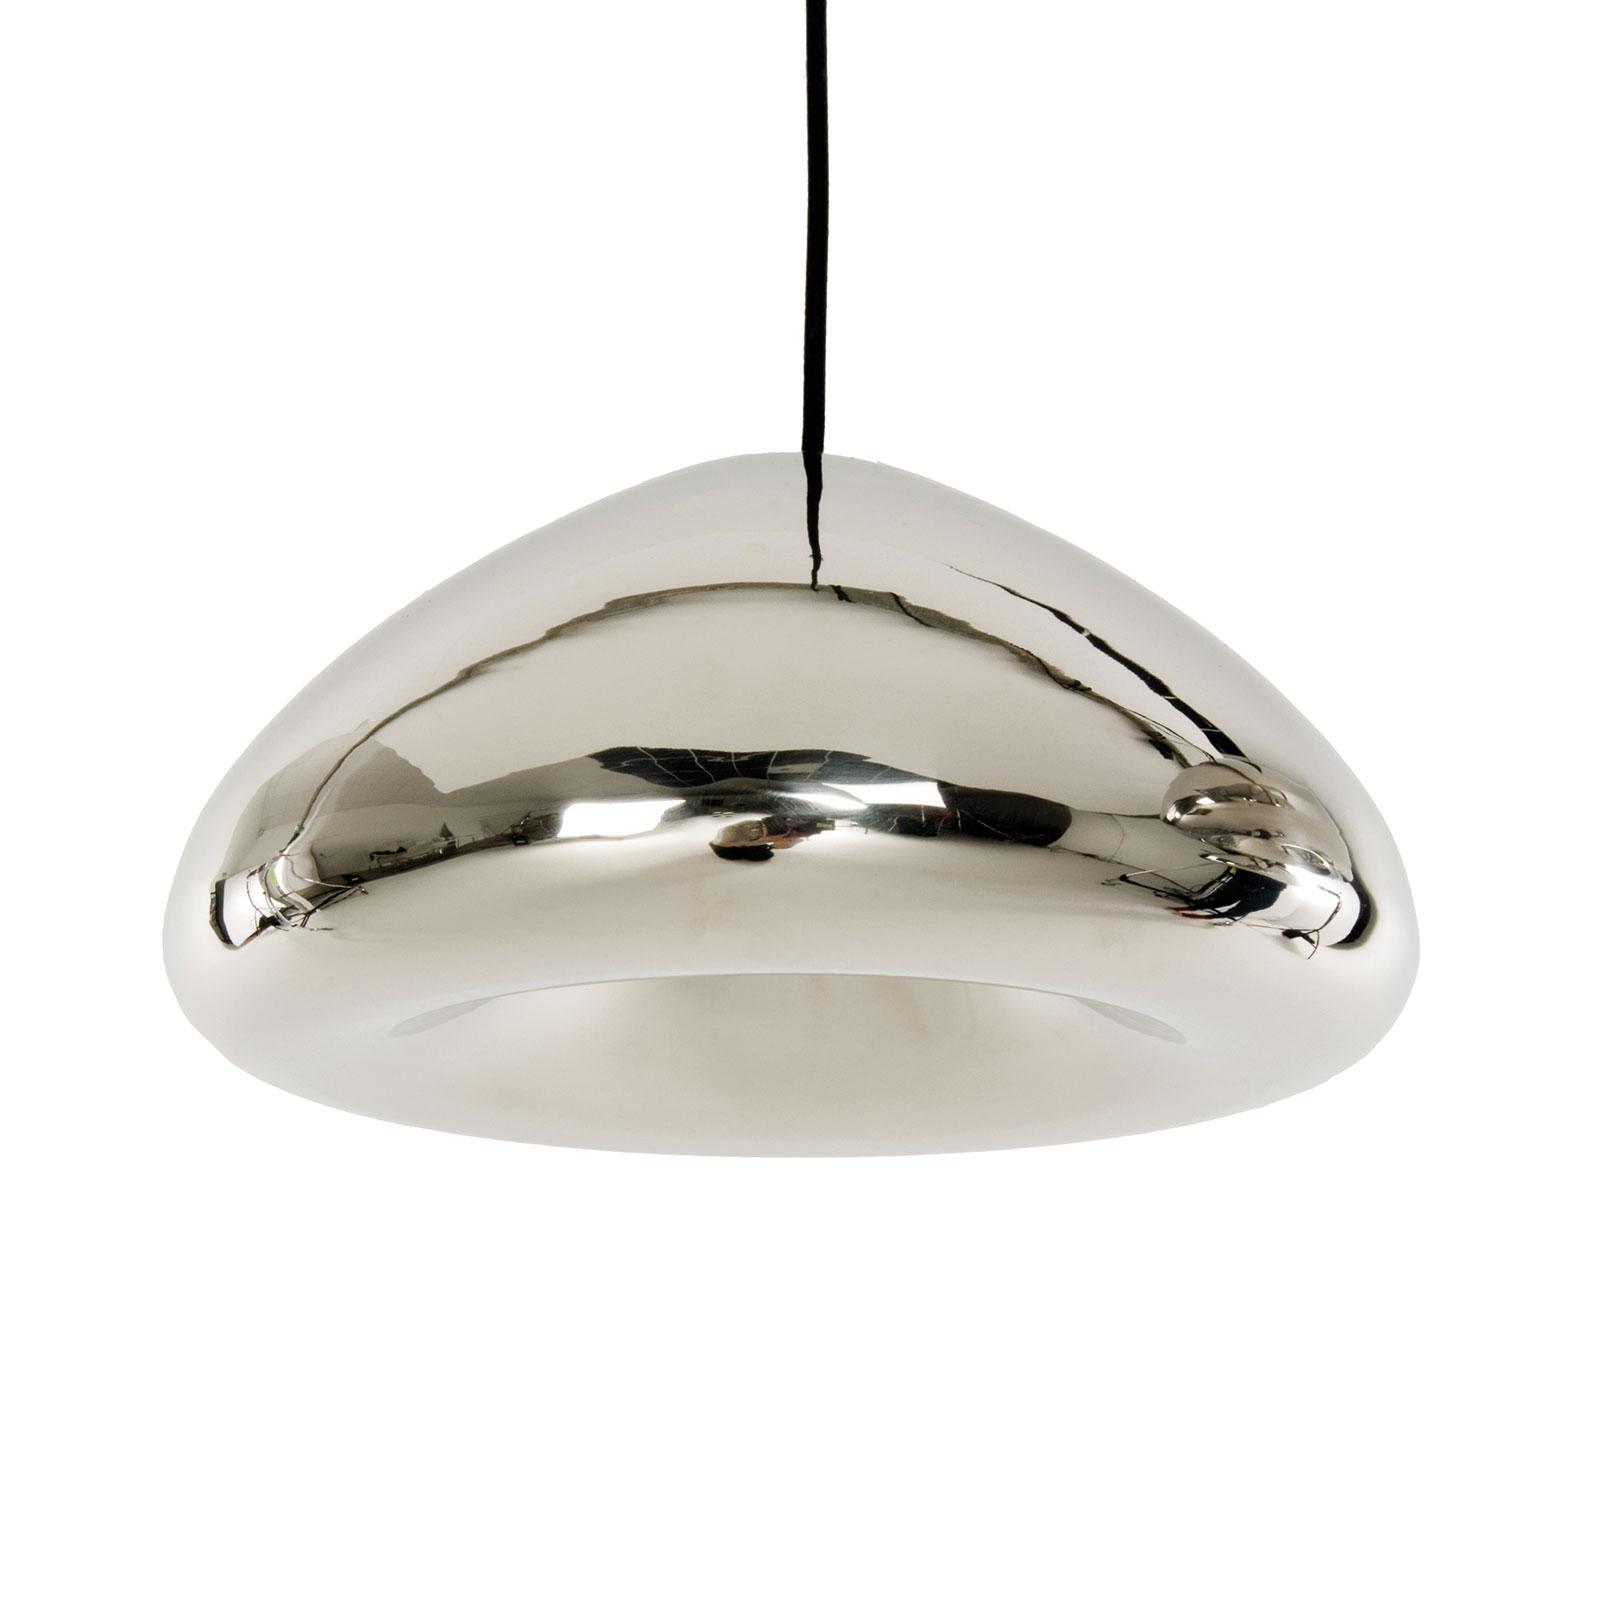 Tom Dixon Void lampada sospensione Ø 30 cm acciaio